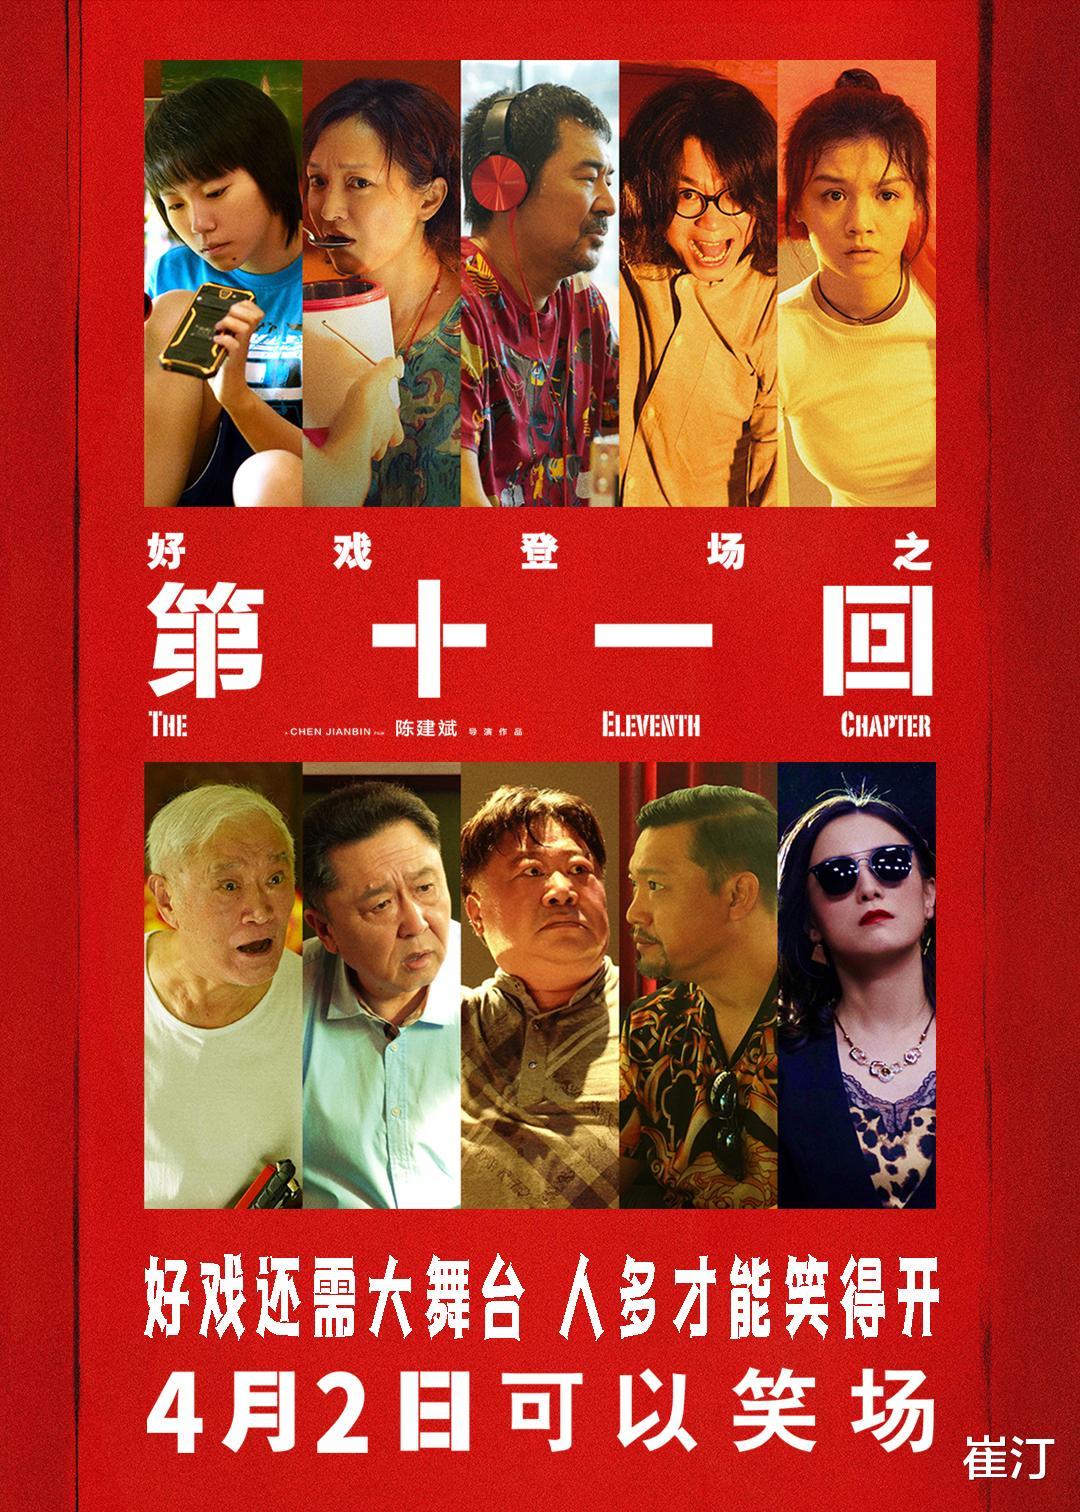 陈建斌导演的荒诞喜剧,让周迅彻底放弃了美丽